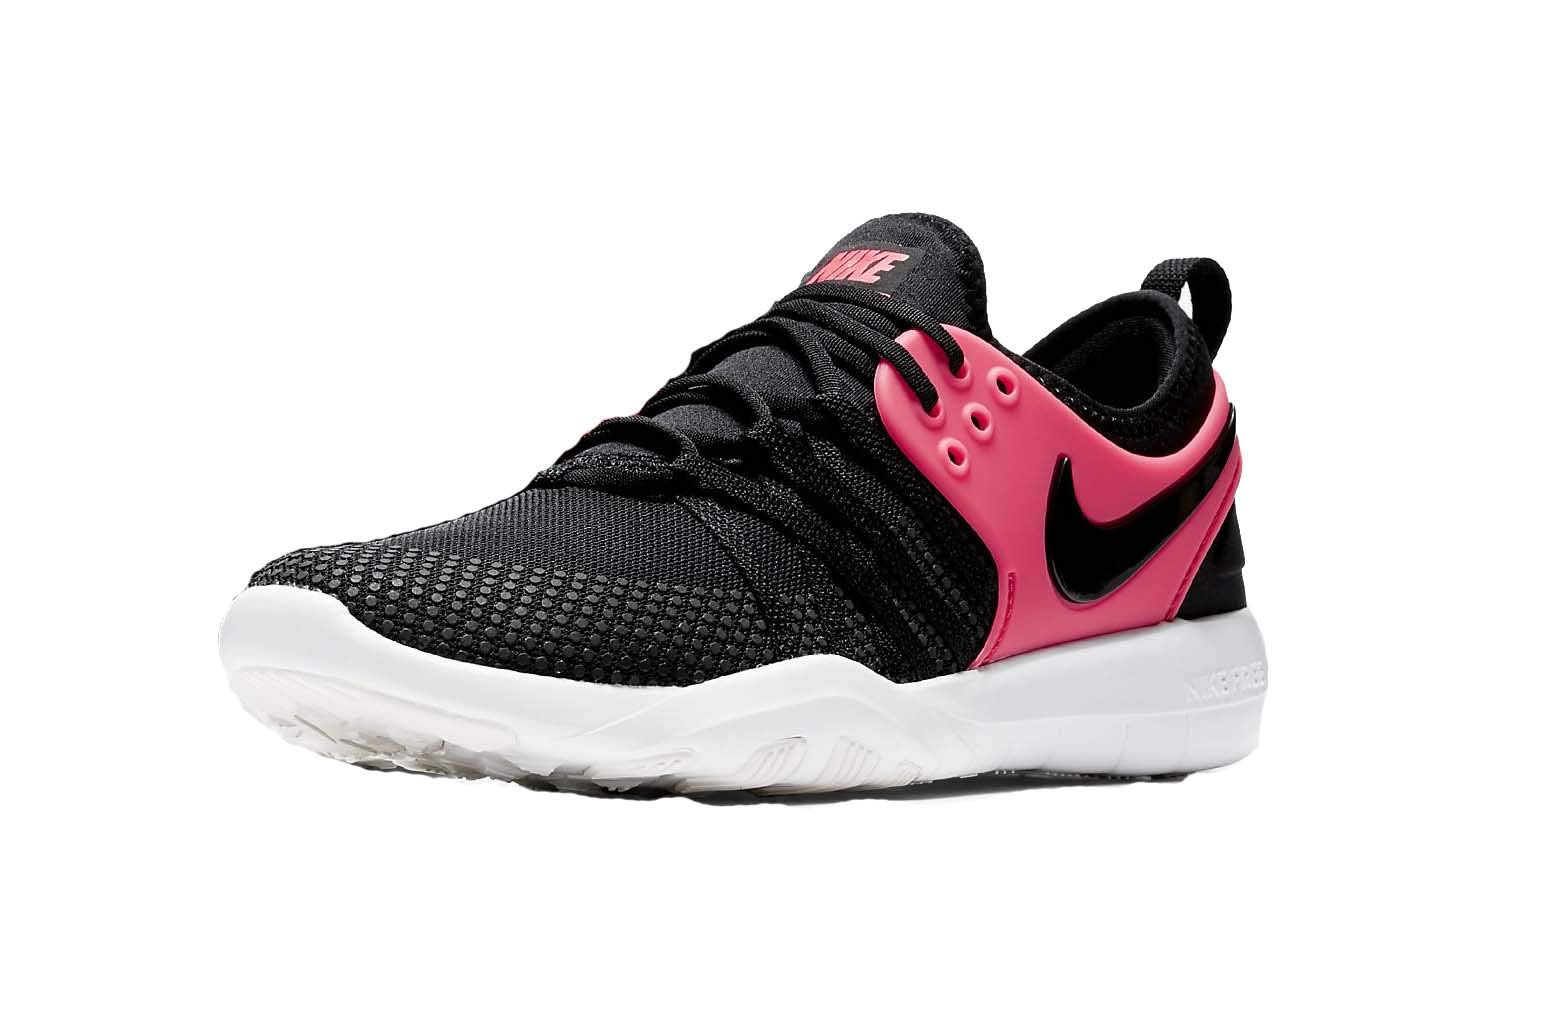 491e97b1610df Galleon - NIKE Free Tr 7 Size 7.5 Womens Cross Training Black Black-Solar  Red-Summit White Shoes